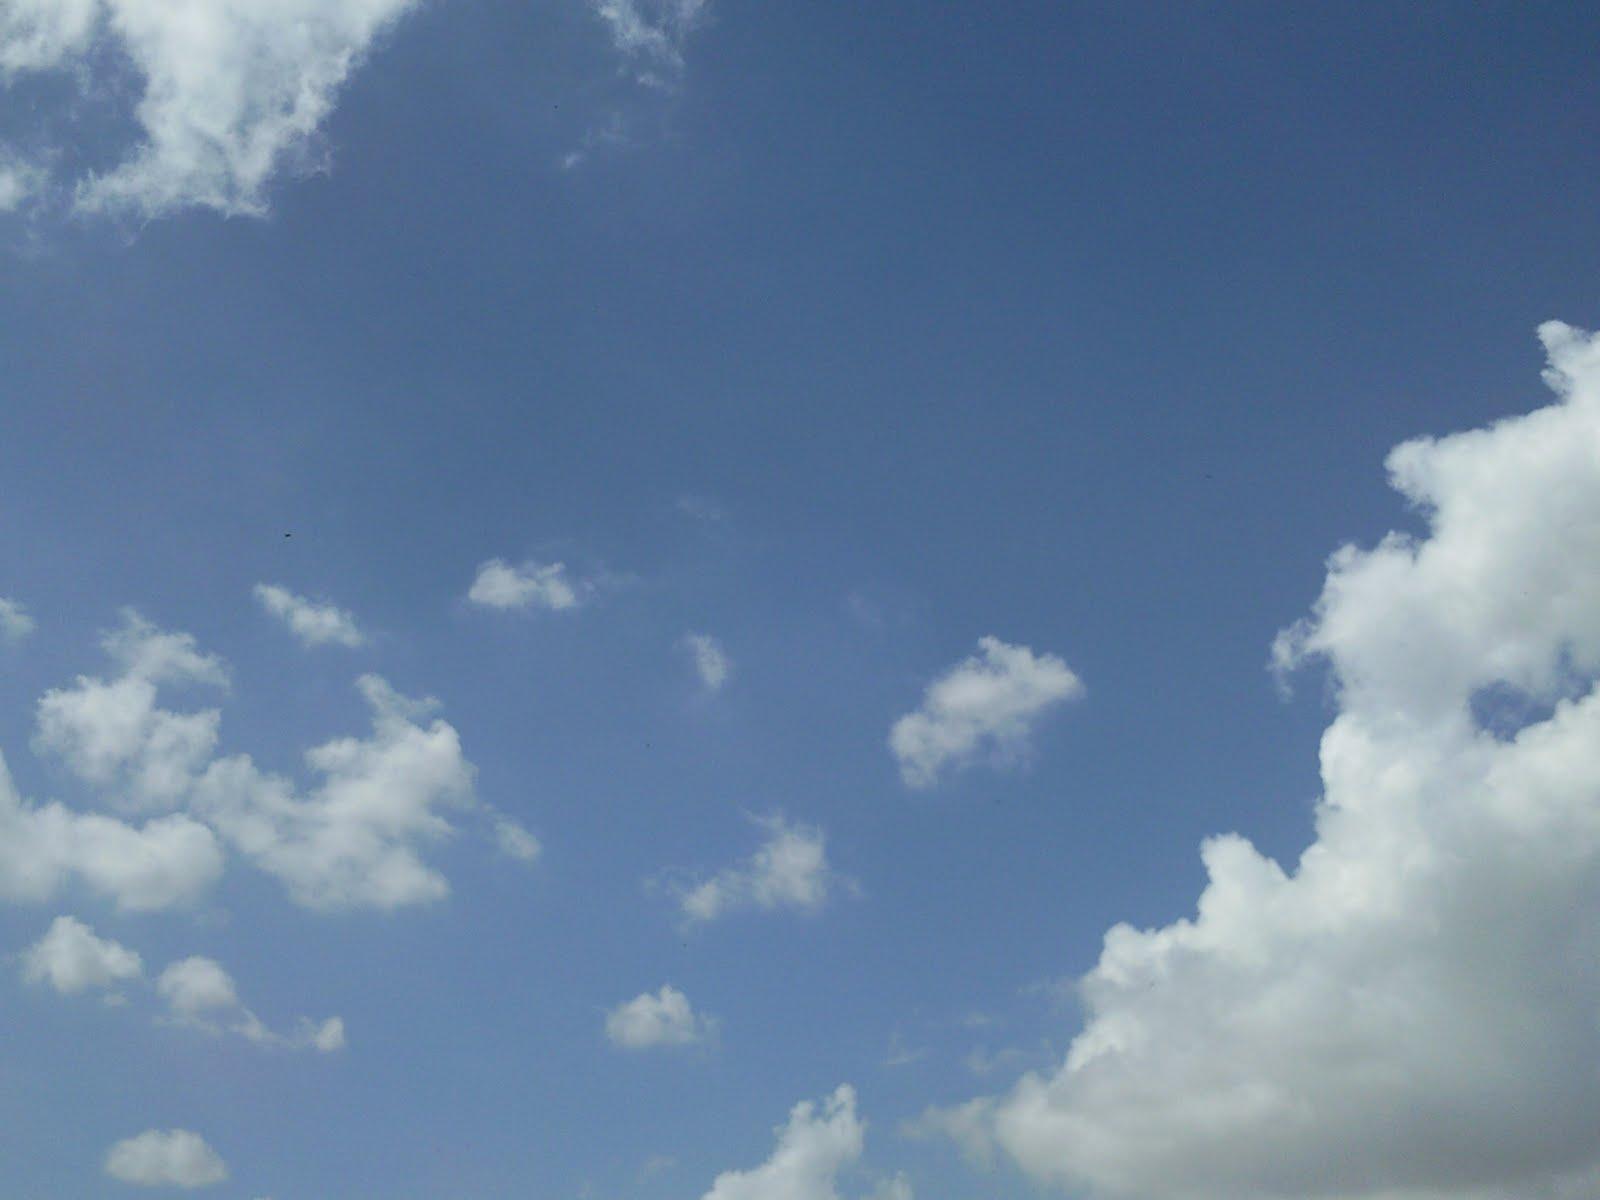 My Beautiful Picutre Album: single bird in clear sky